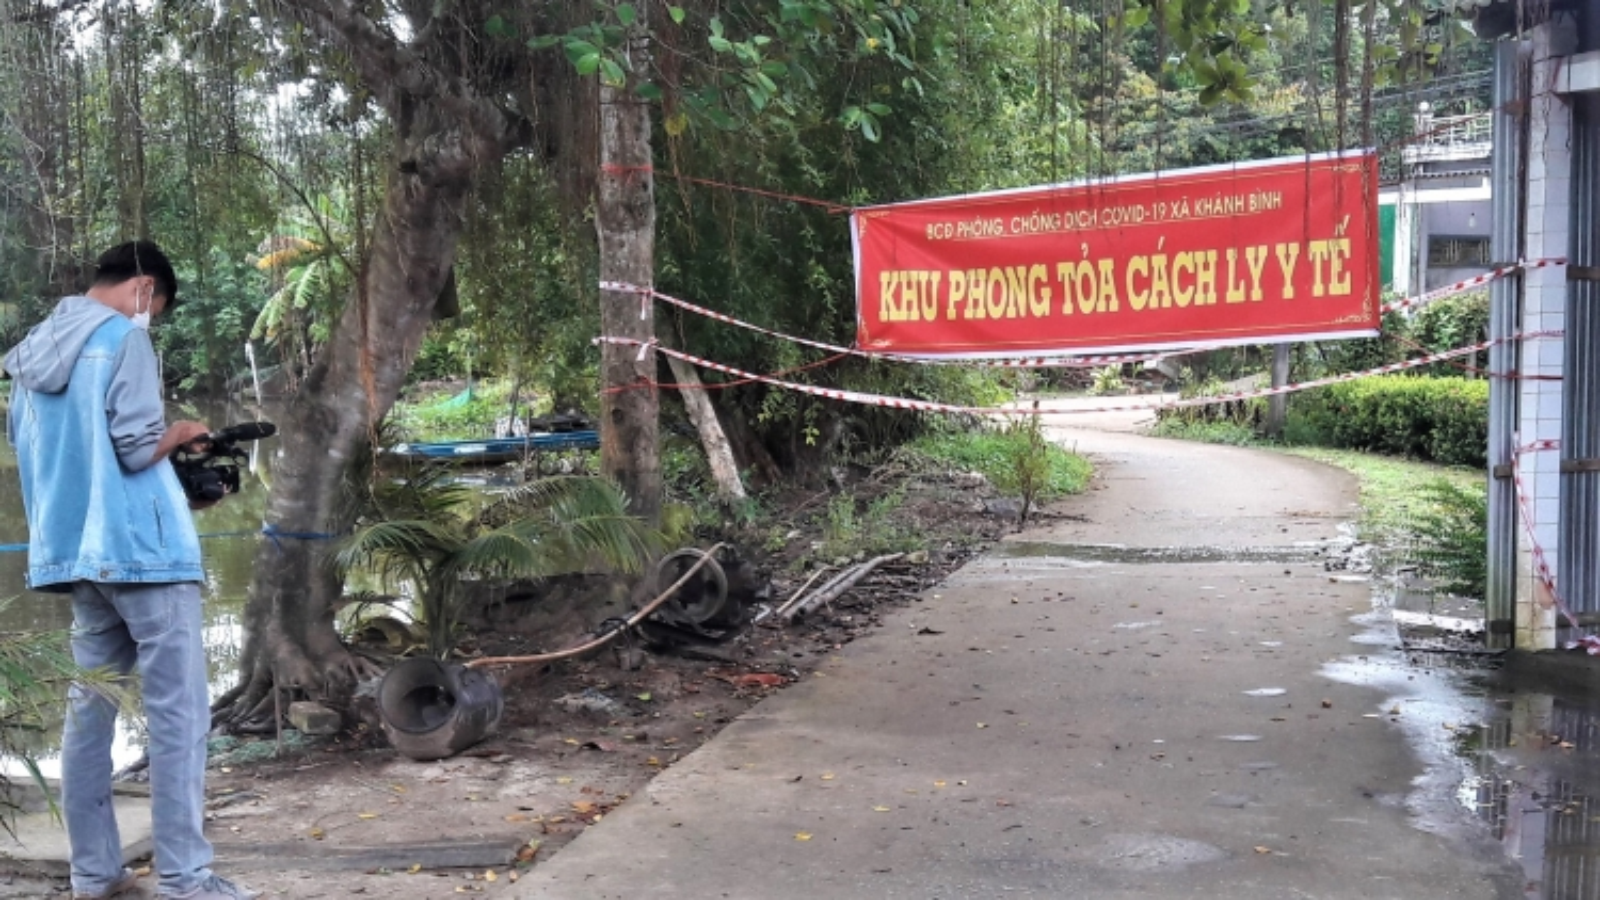 Khởi tố vụ án làm lây lan dịch bệnh xảy ra tại huyện Trần Văn Thời, Cà Mau